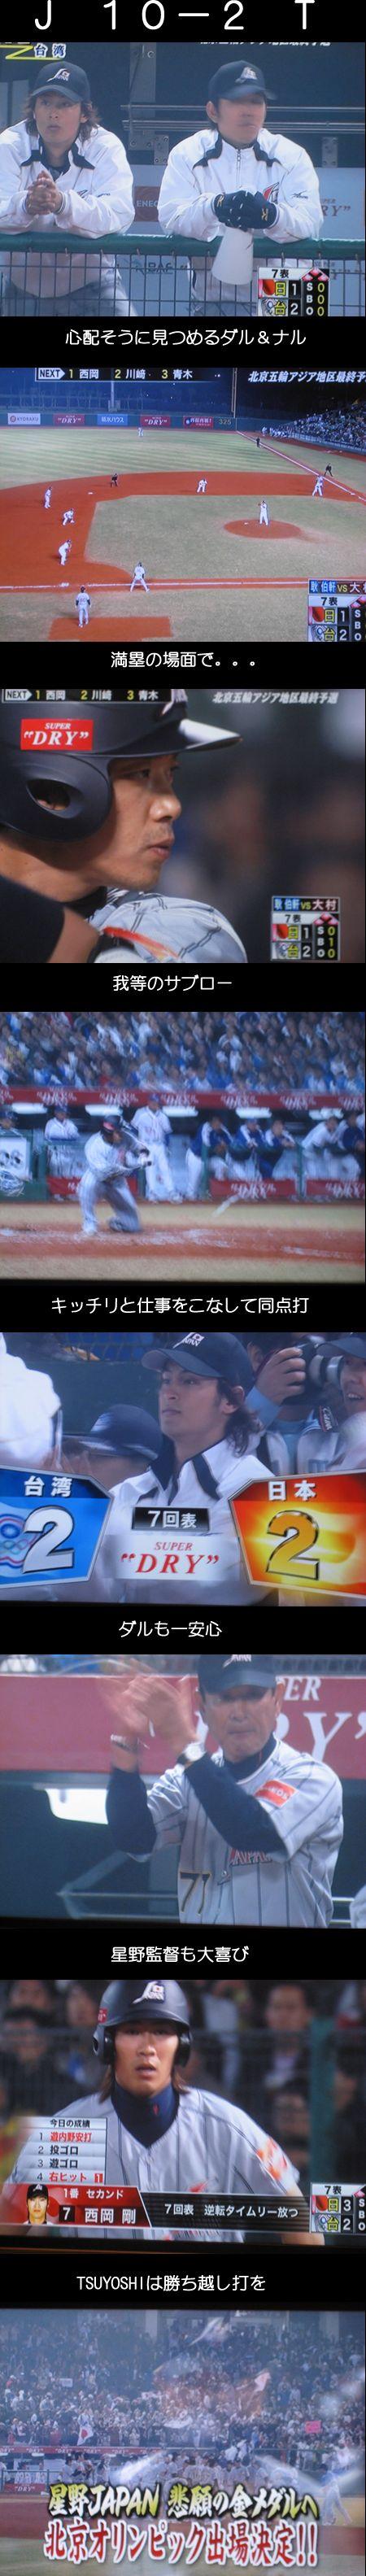 07-12-03-japan.jpg